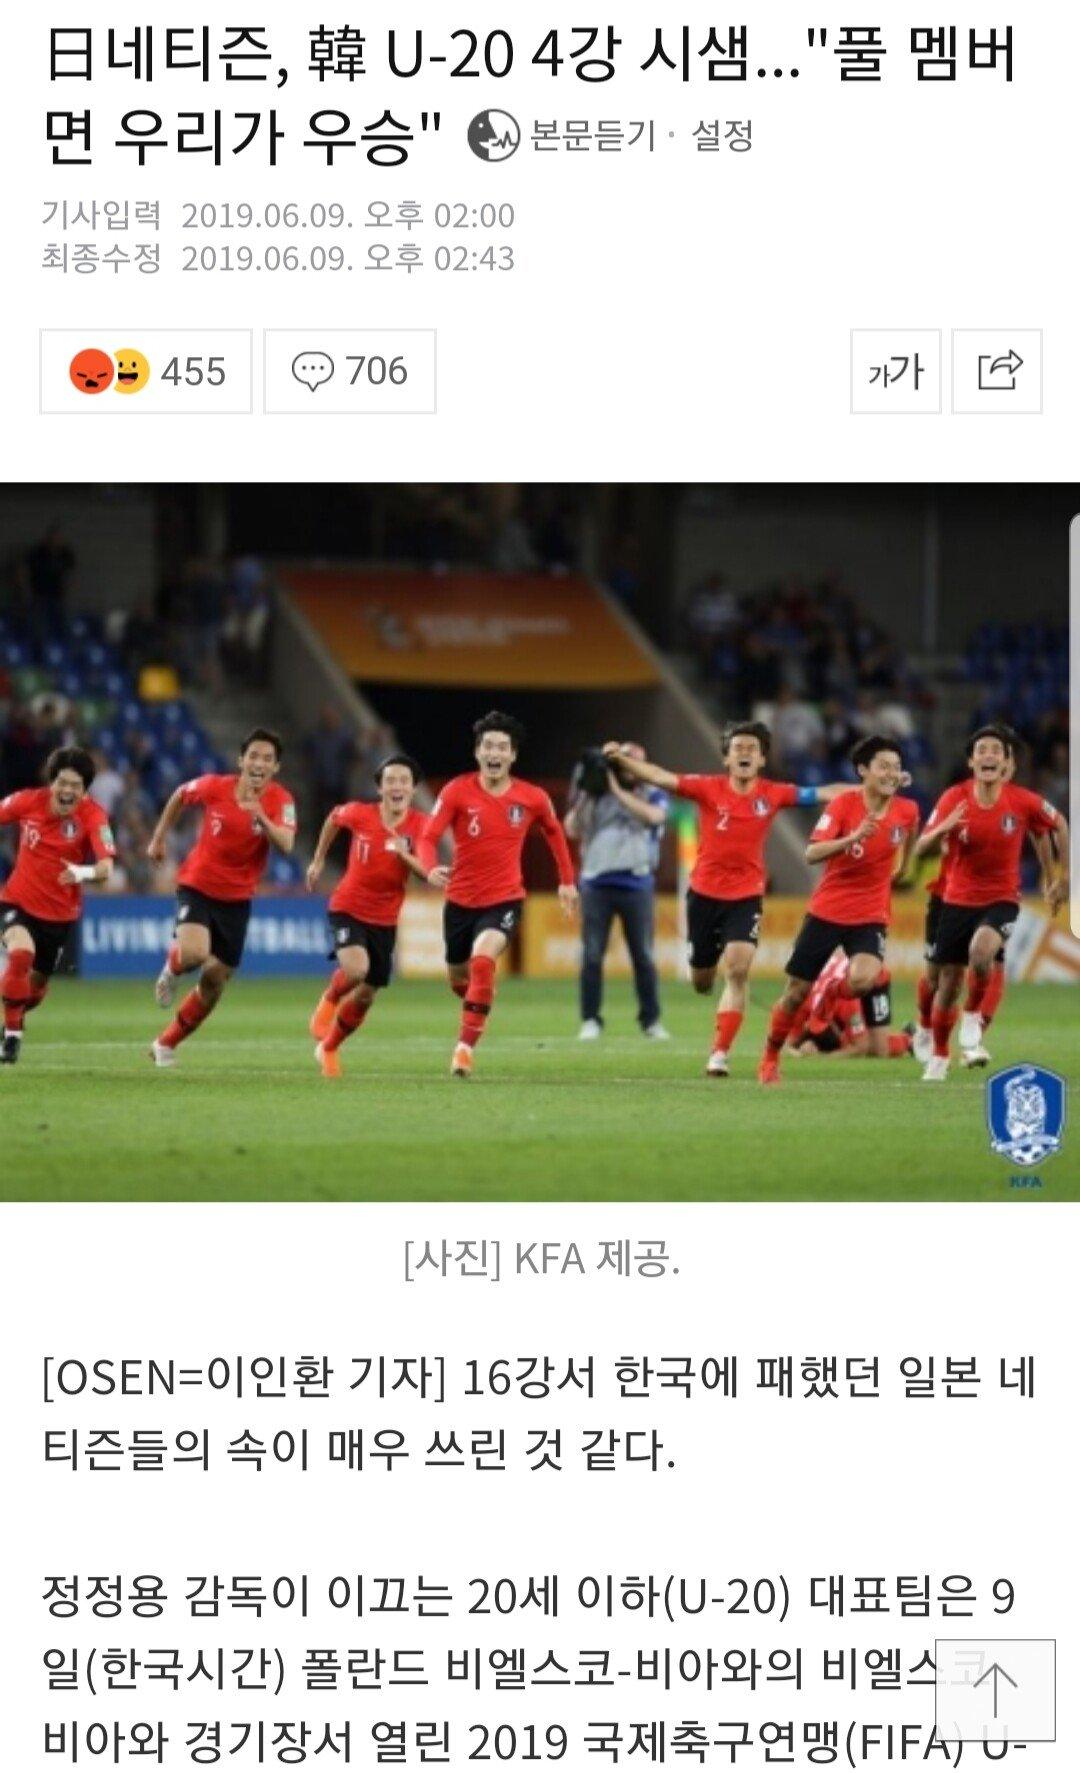 일본 네티즌, 야 한국 풀멤버였으면 우리가 올라갔어.jpg